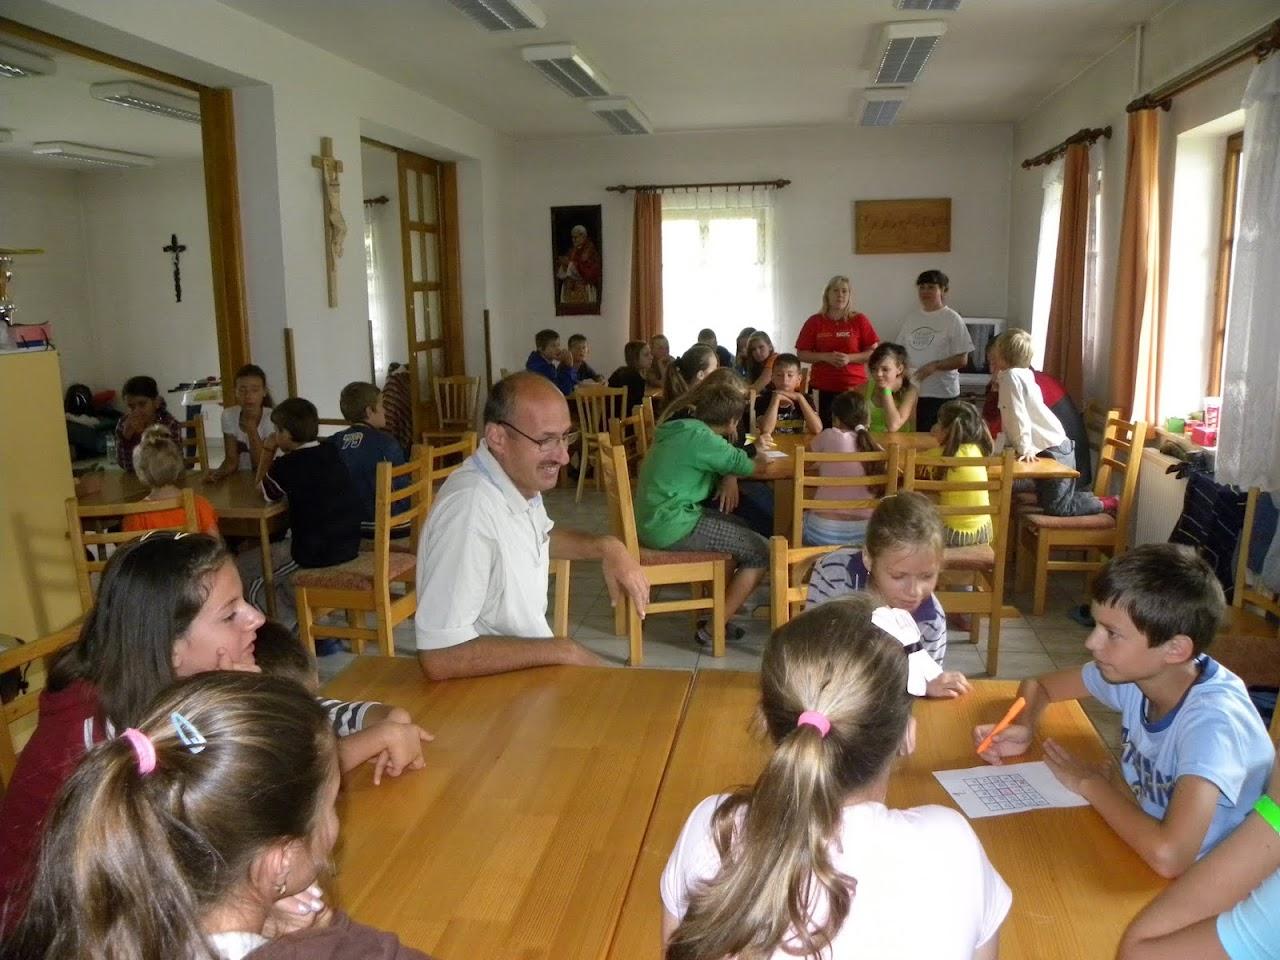 Tábor - Veľké Karlovice - fotka 284.JPG